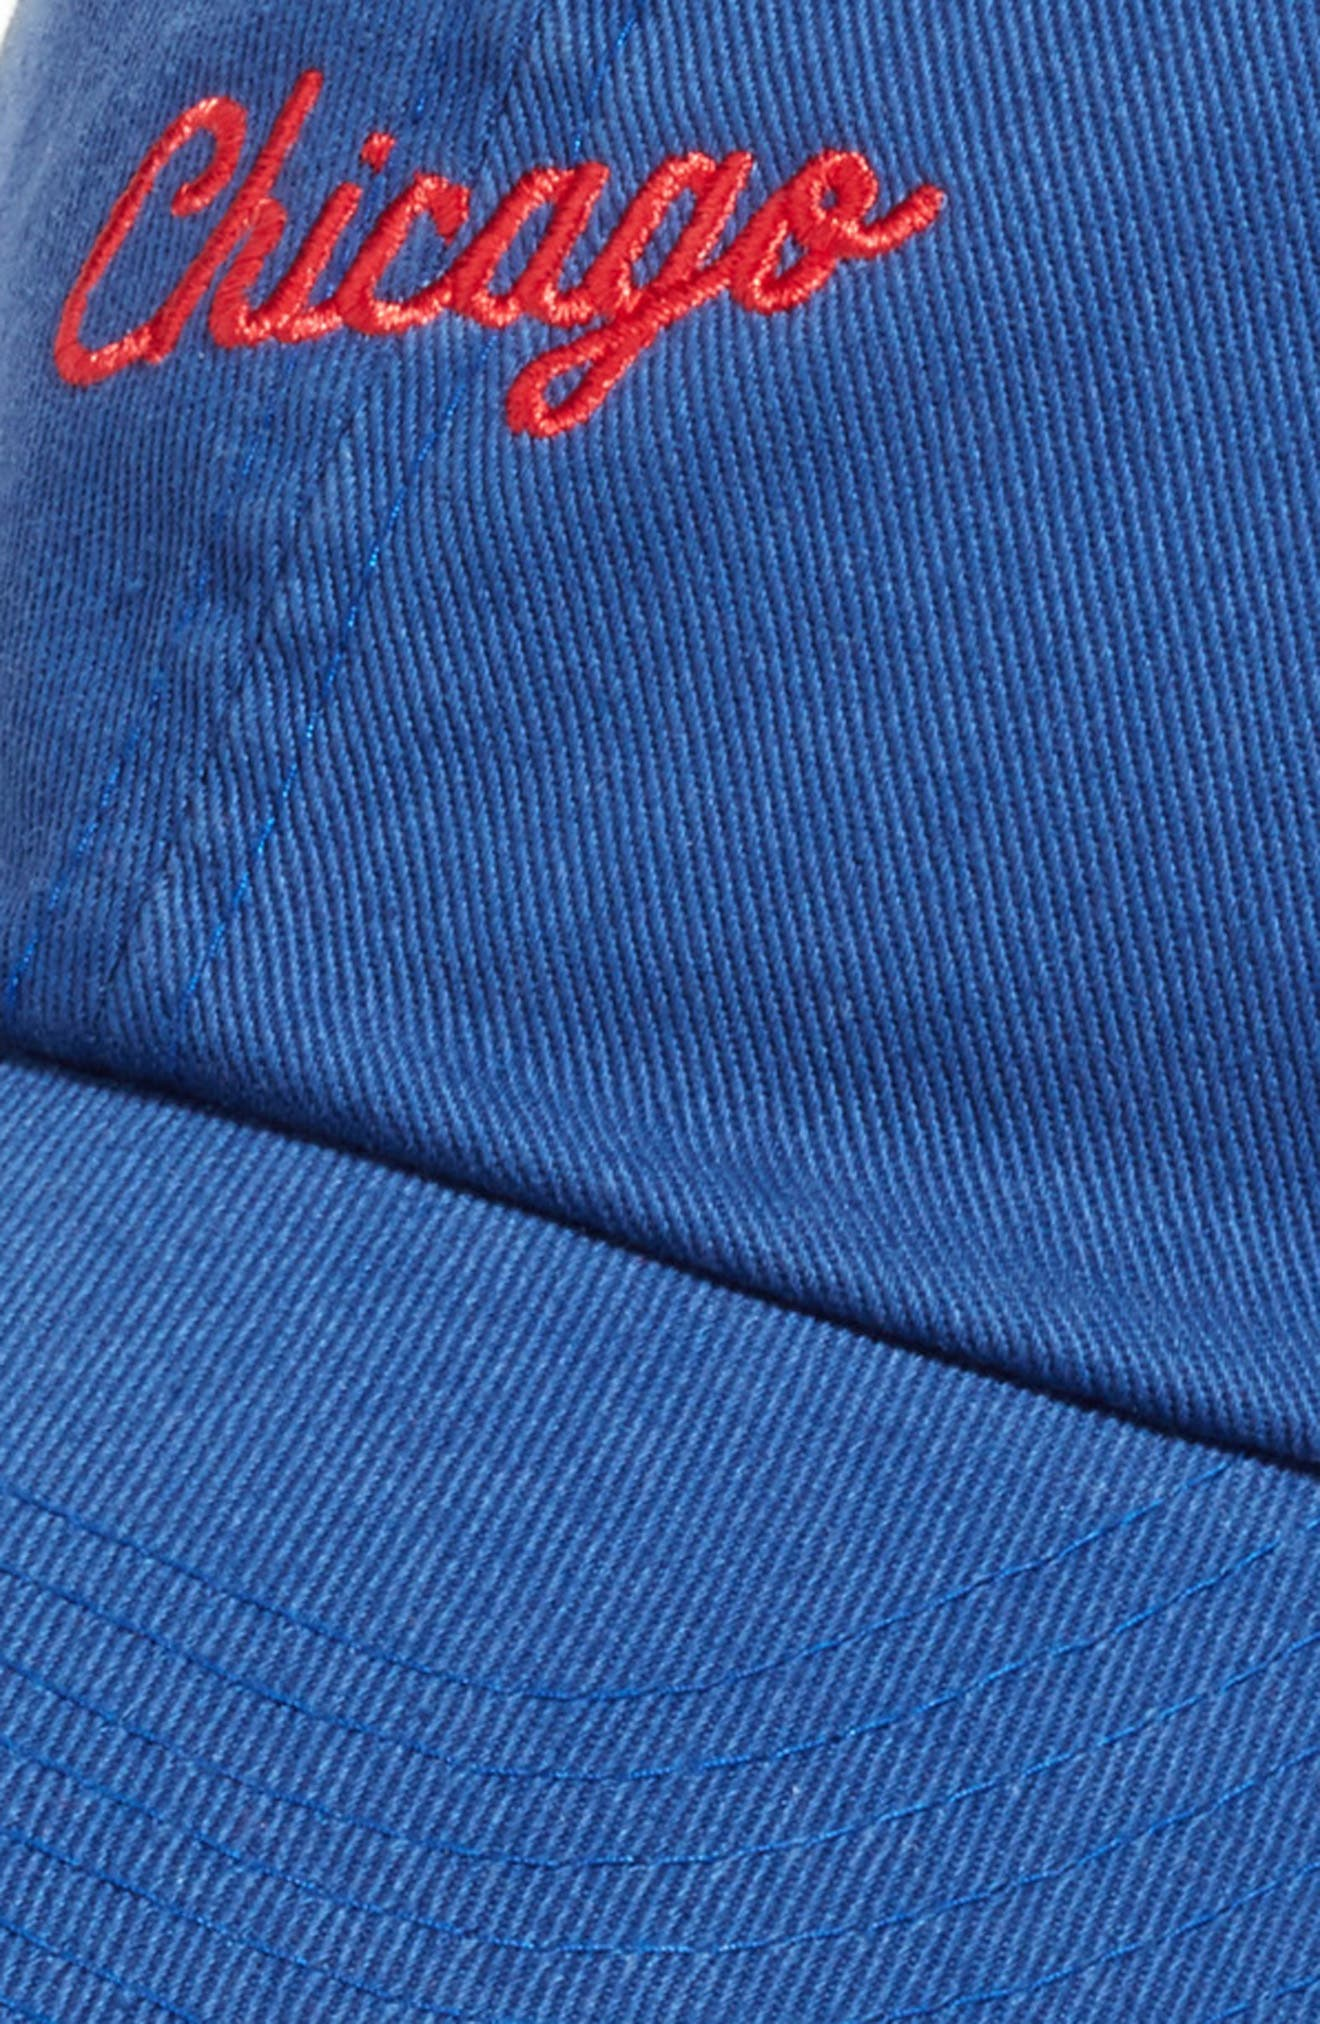 Boardshort - Chicago Baseball Cap,                             Alternate thumbnail 3, color,                             400